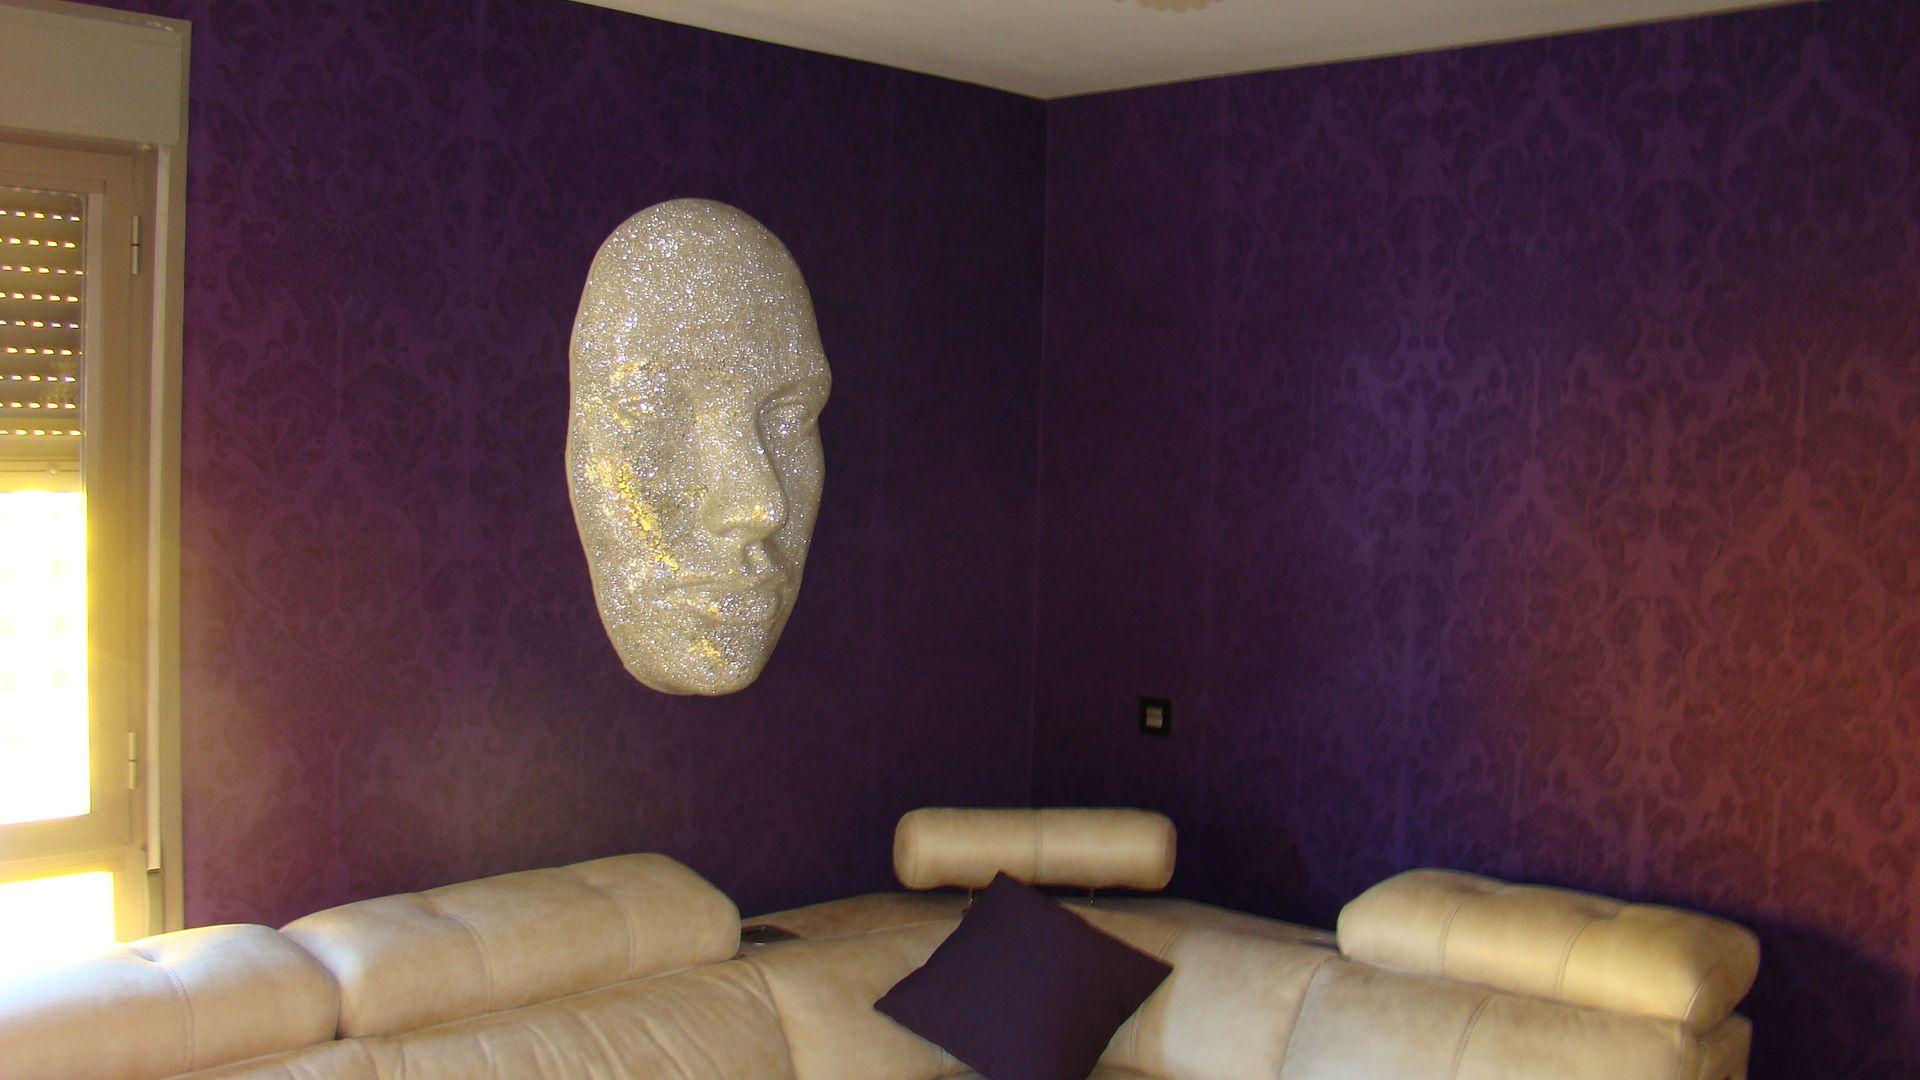 Poner papel pintado sobre gotele elegant materiales - Poner papel pintado sobre gotele ...